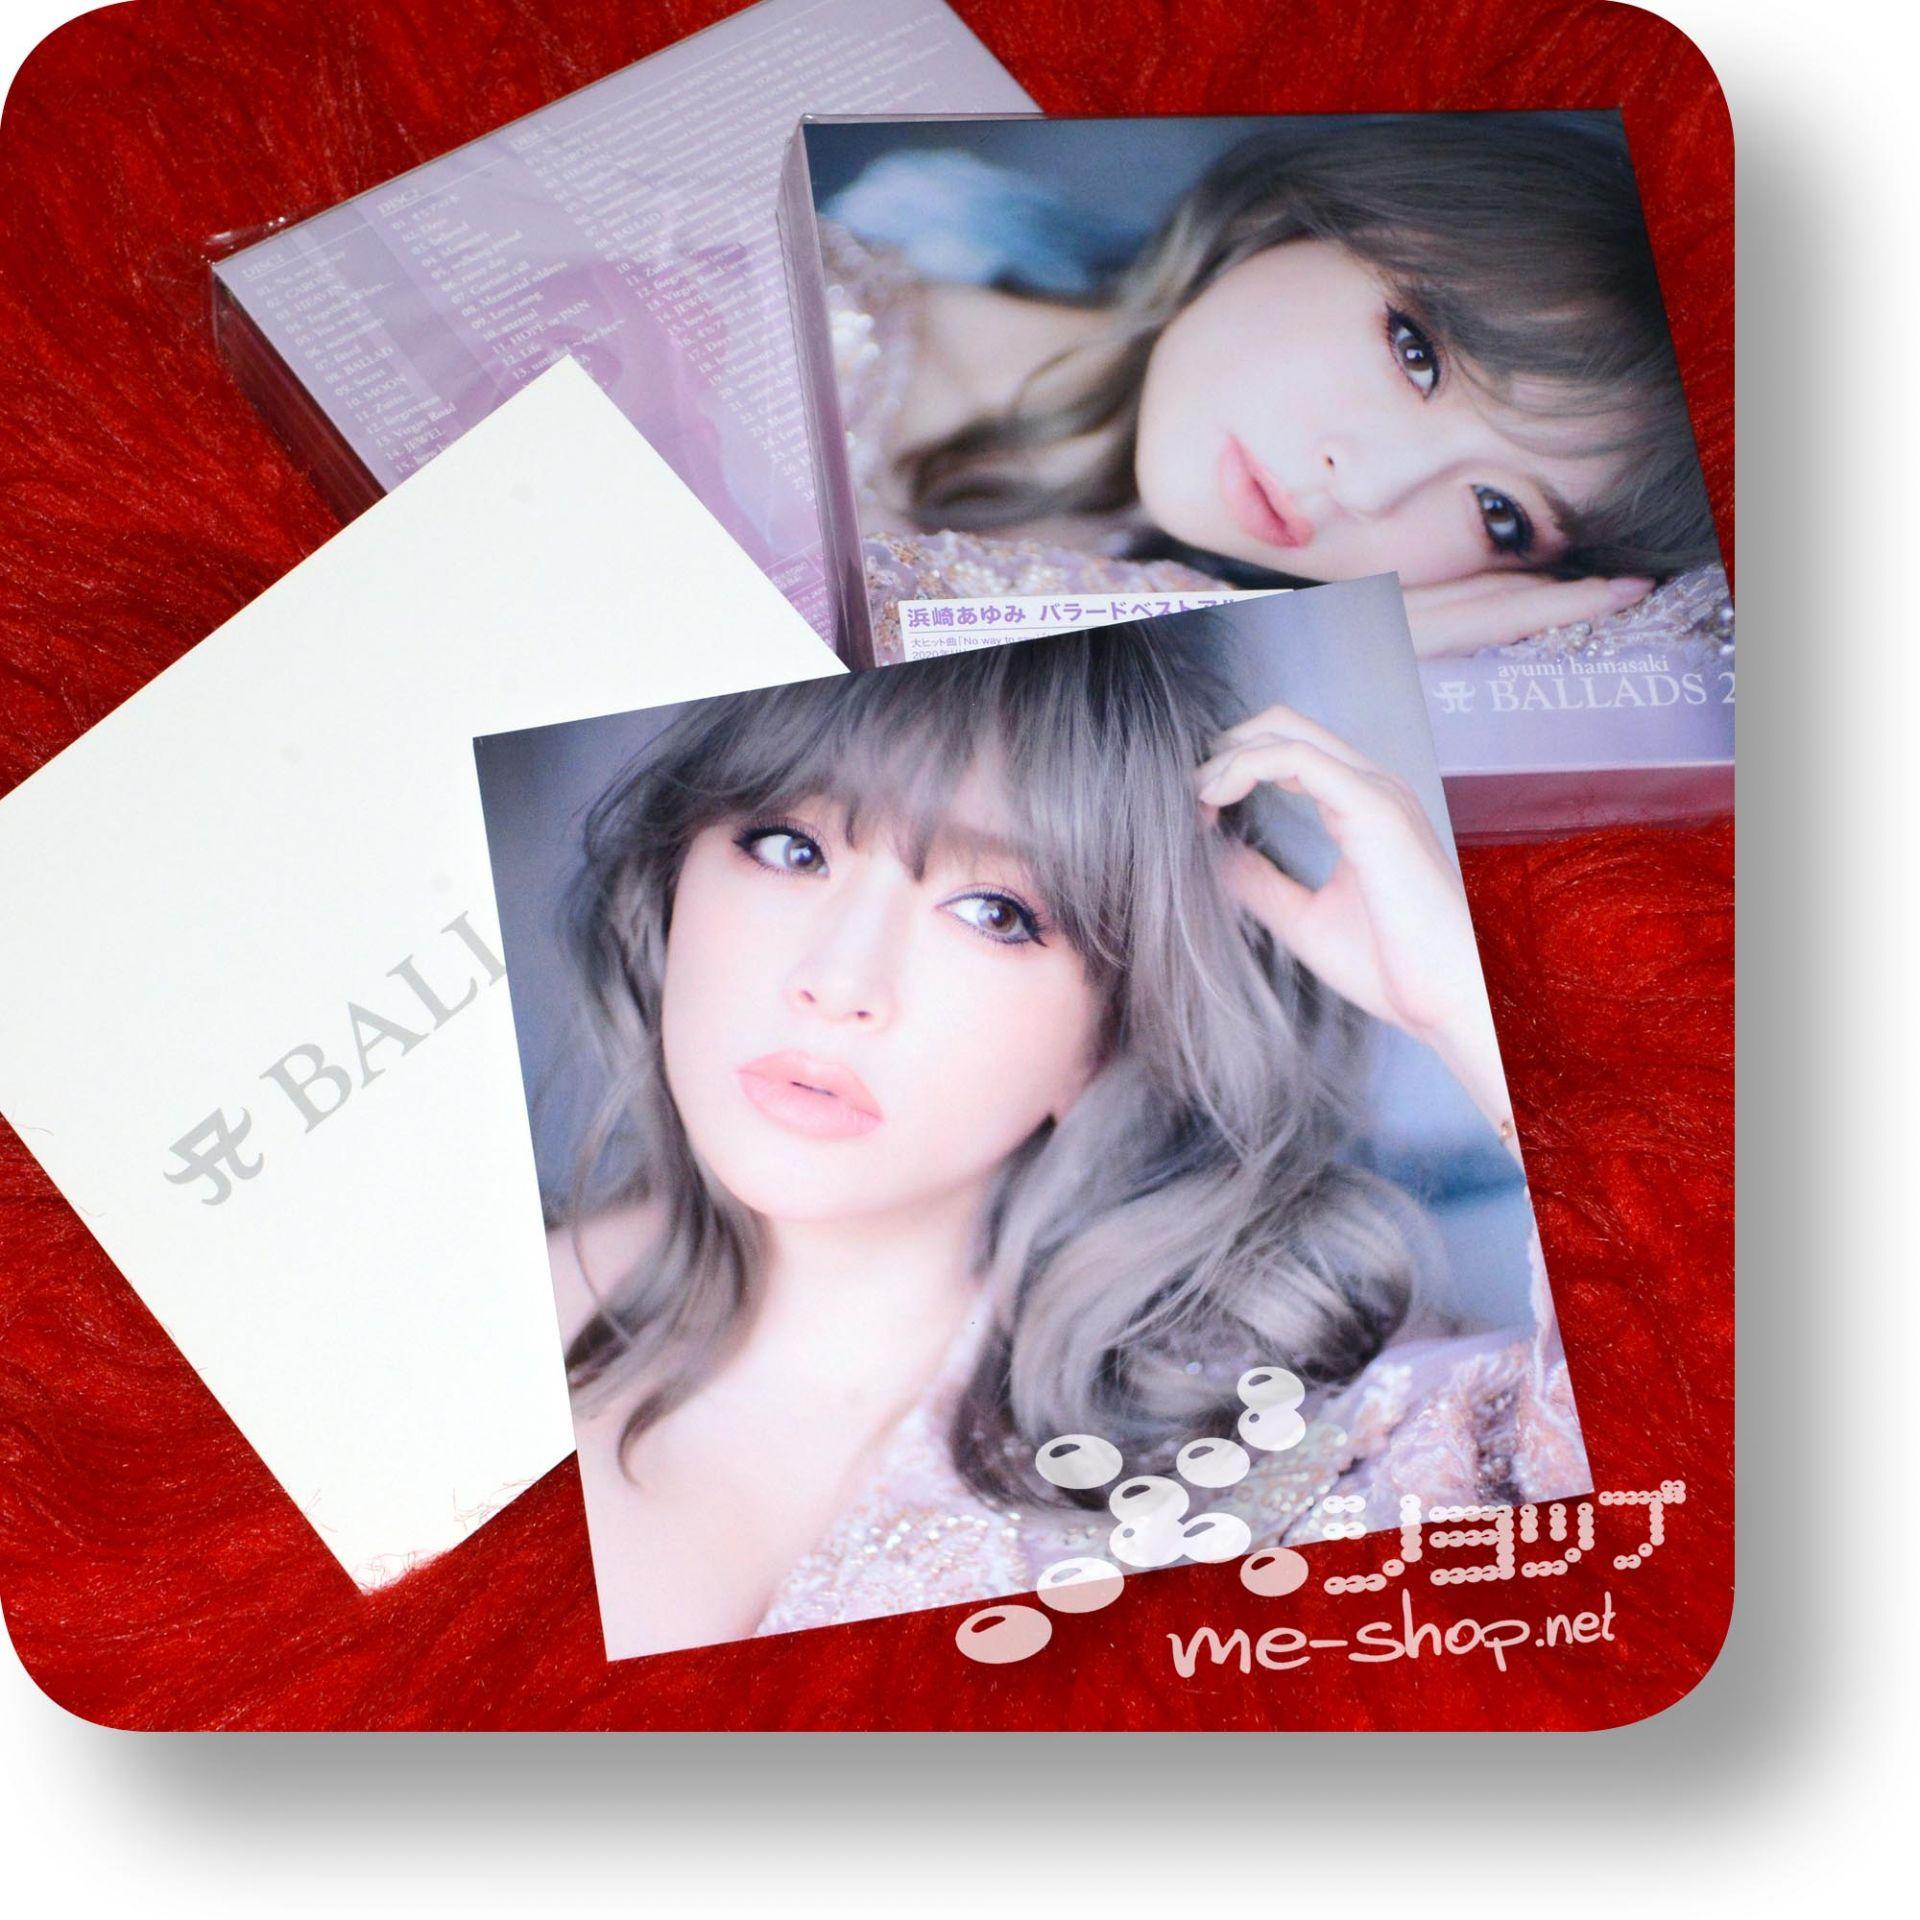 ayumi hamasaki a ballads 2 2cd+bd+bonus